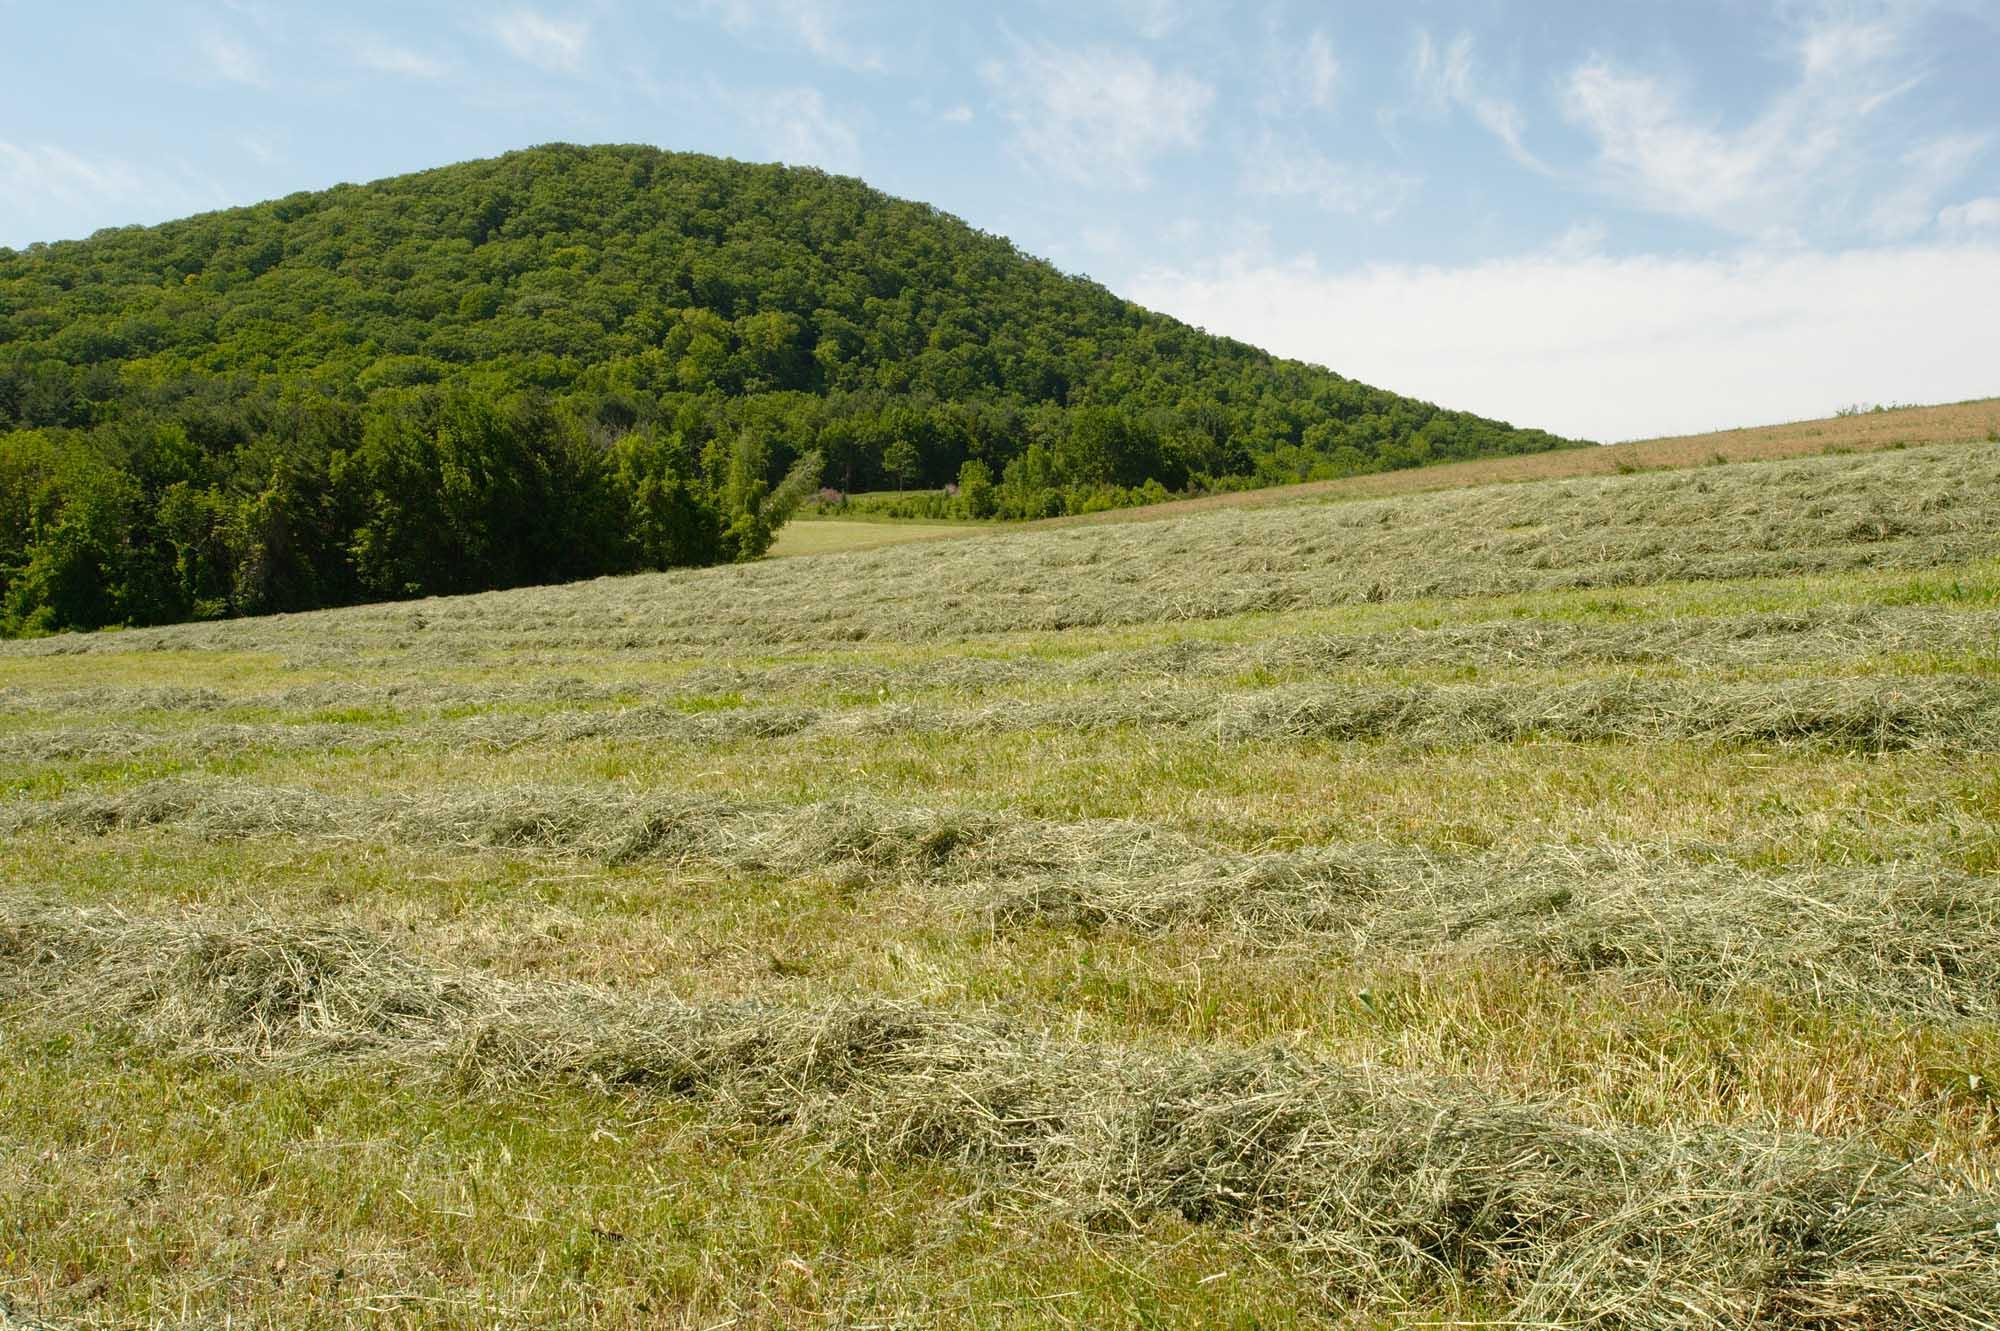 Round Mountain, Lilac Ridge Farm. Brattleboro, Vermont, USA. June 2009.